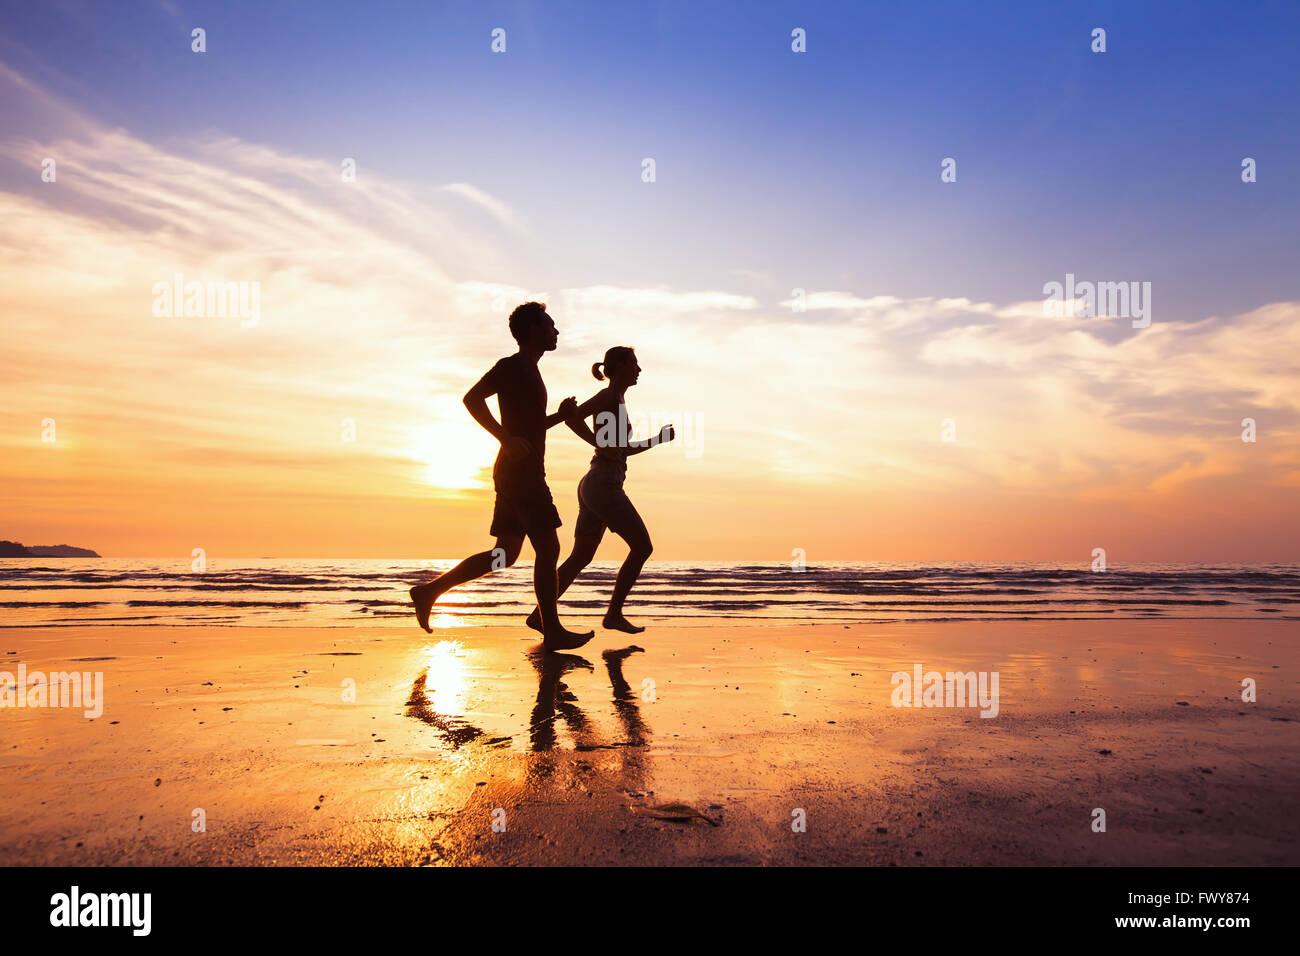 Sport et mode de vie sain, deux personnes courir au coucher du soleil sur la plage Photo Stock